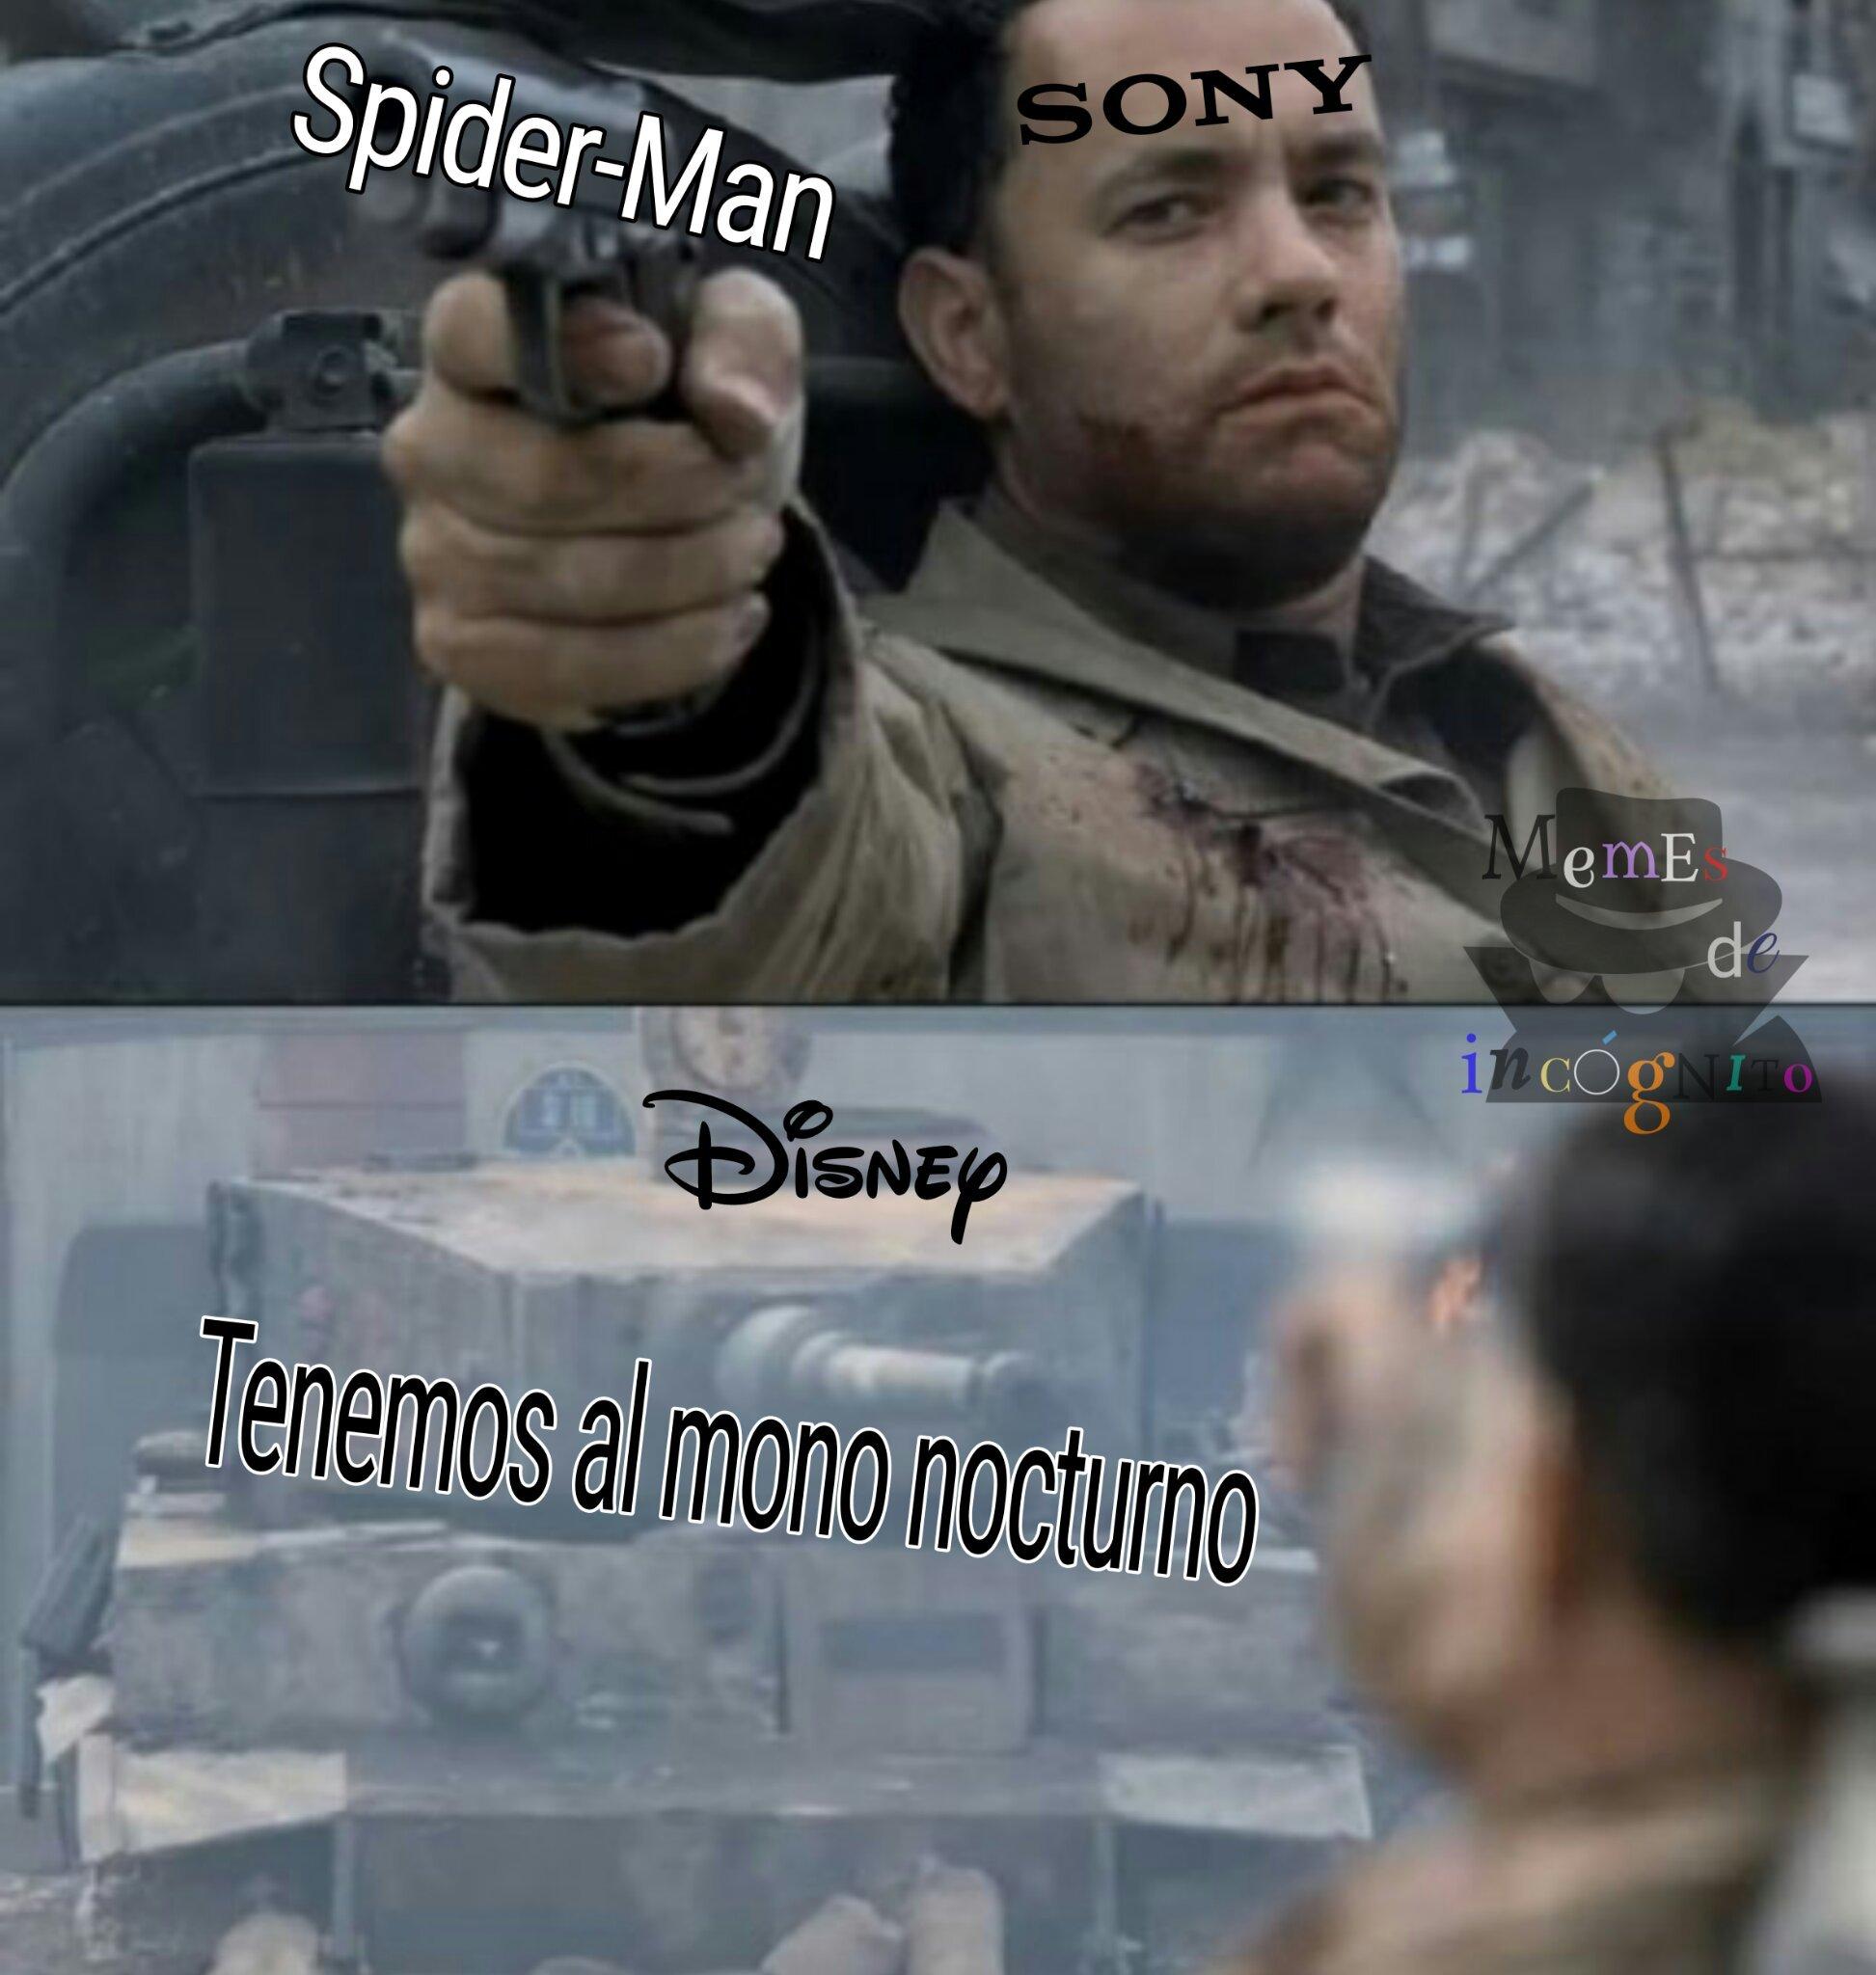 No lo olviden, Disney aun tiene los derechos del mono nocturno - meme